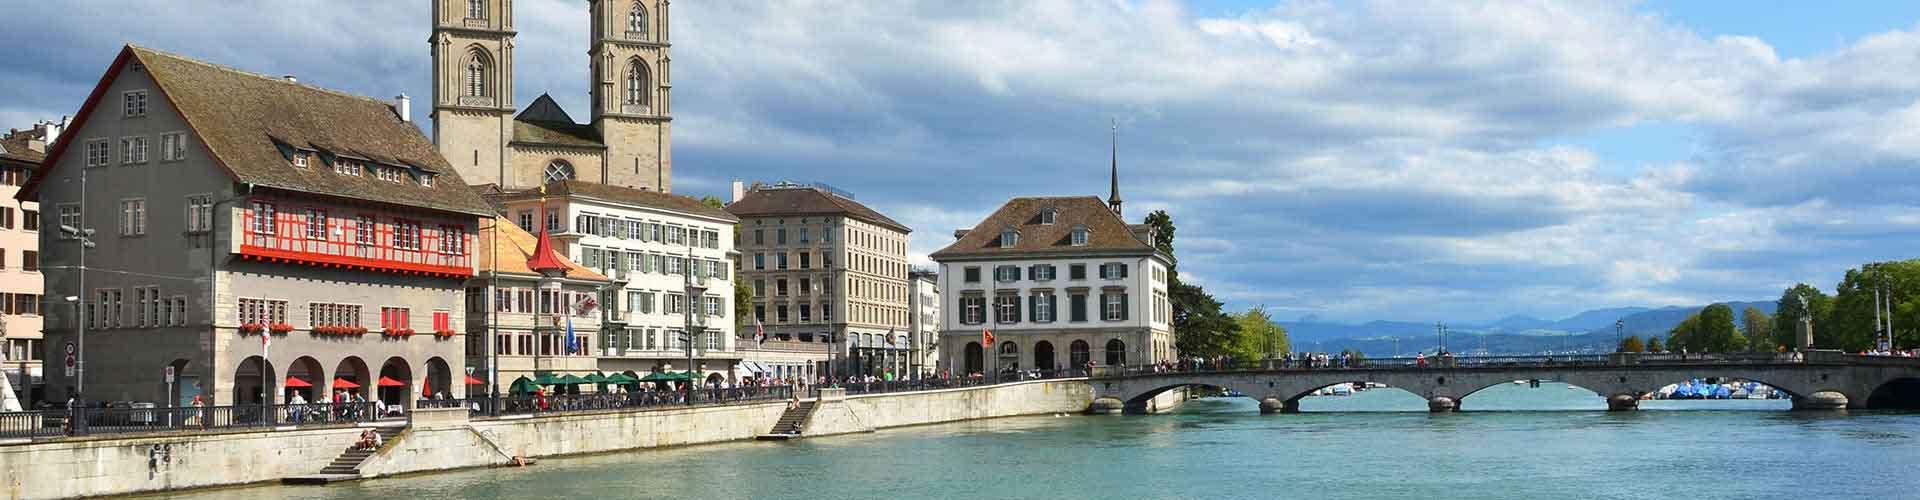 Zurich – Hotellit lähellä maamerkkiä Zurich lentokenttä. Zurich -karttoja, valokuvia ja arvosteluja kaikista Zurich -hotelleista.